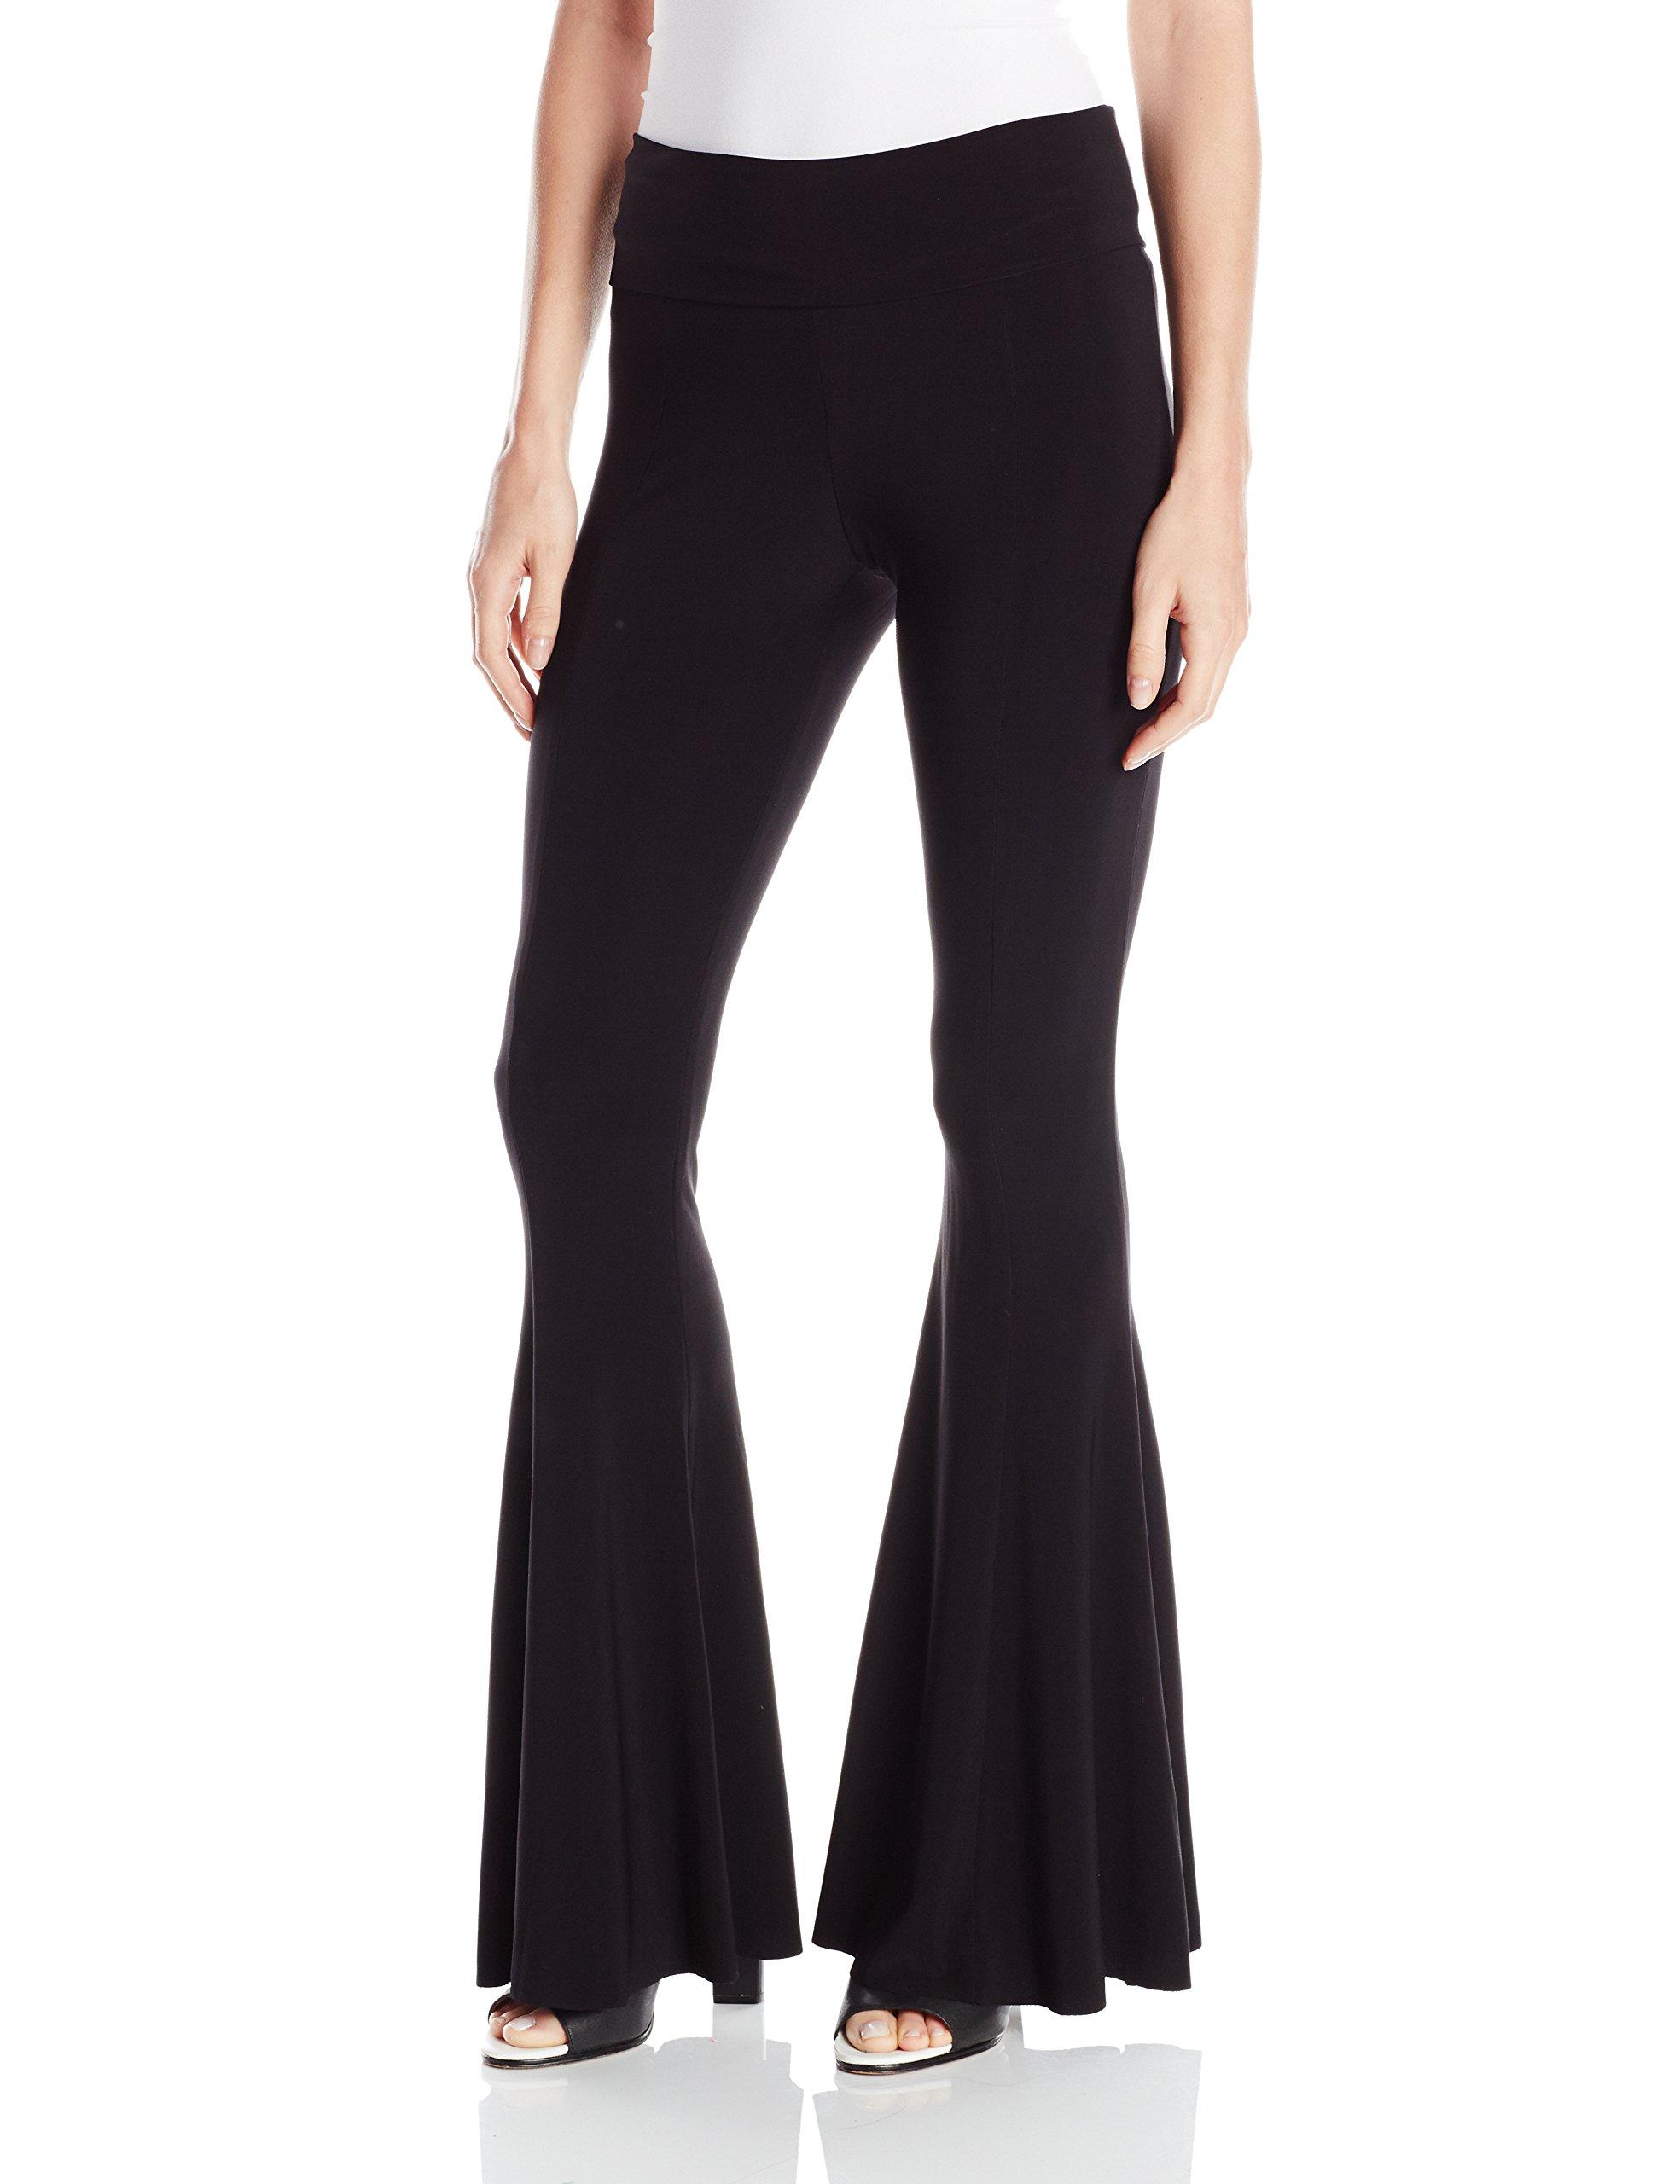 Norma Kamali Women's Fishtail Pant, Black, S